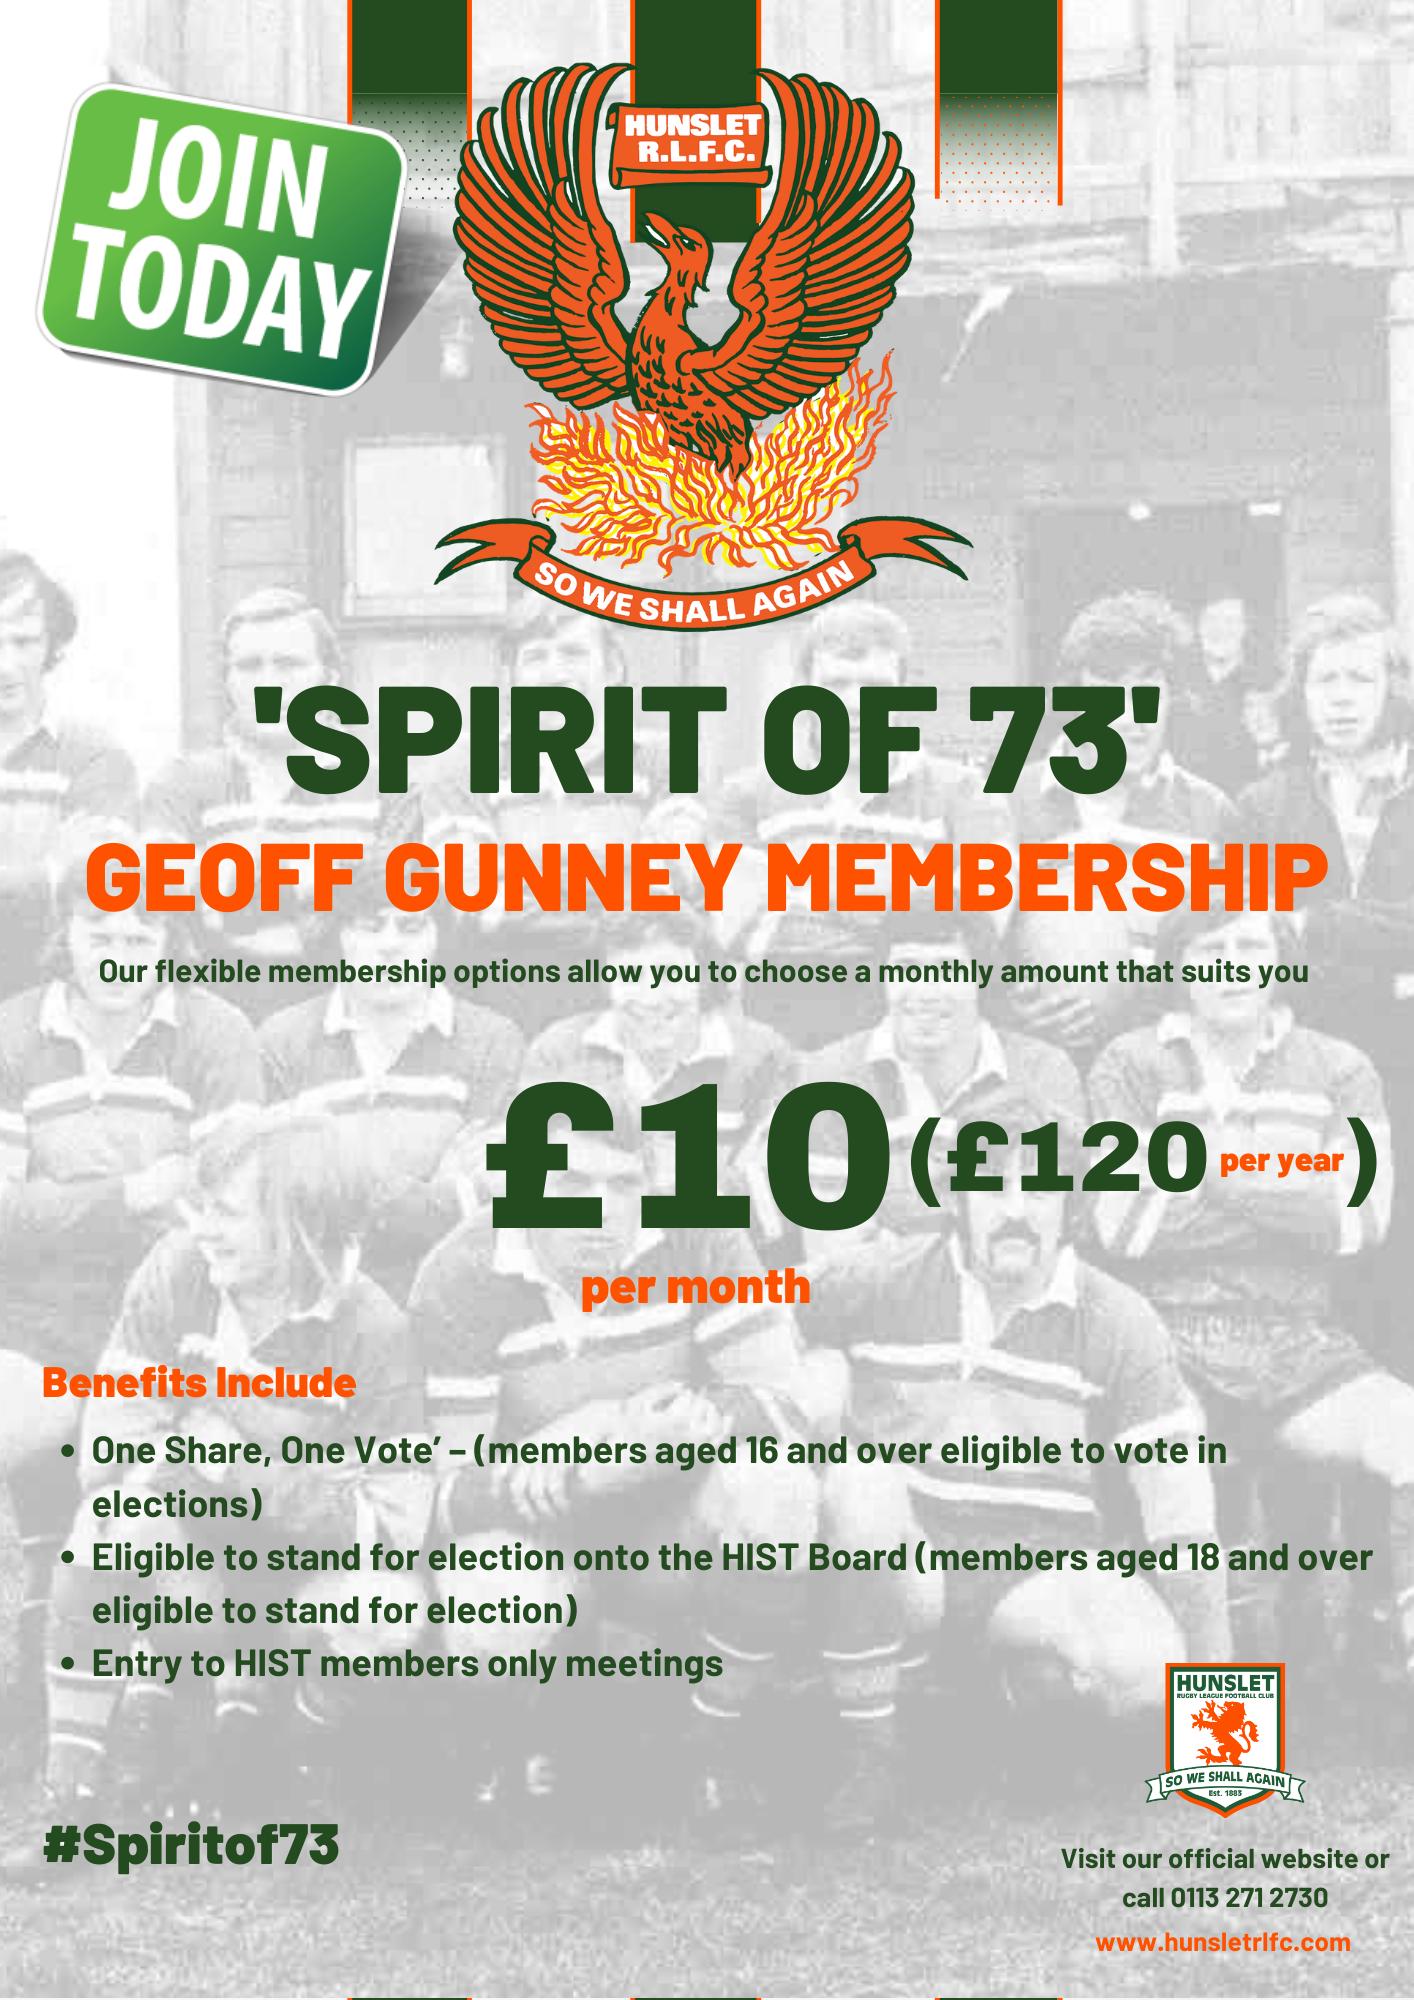 Spirit of 73 - Geoff Gunney £10